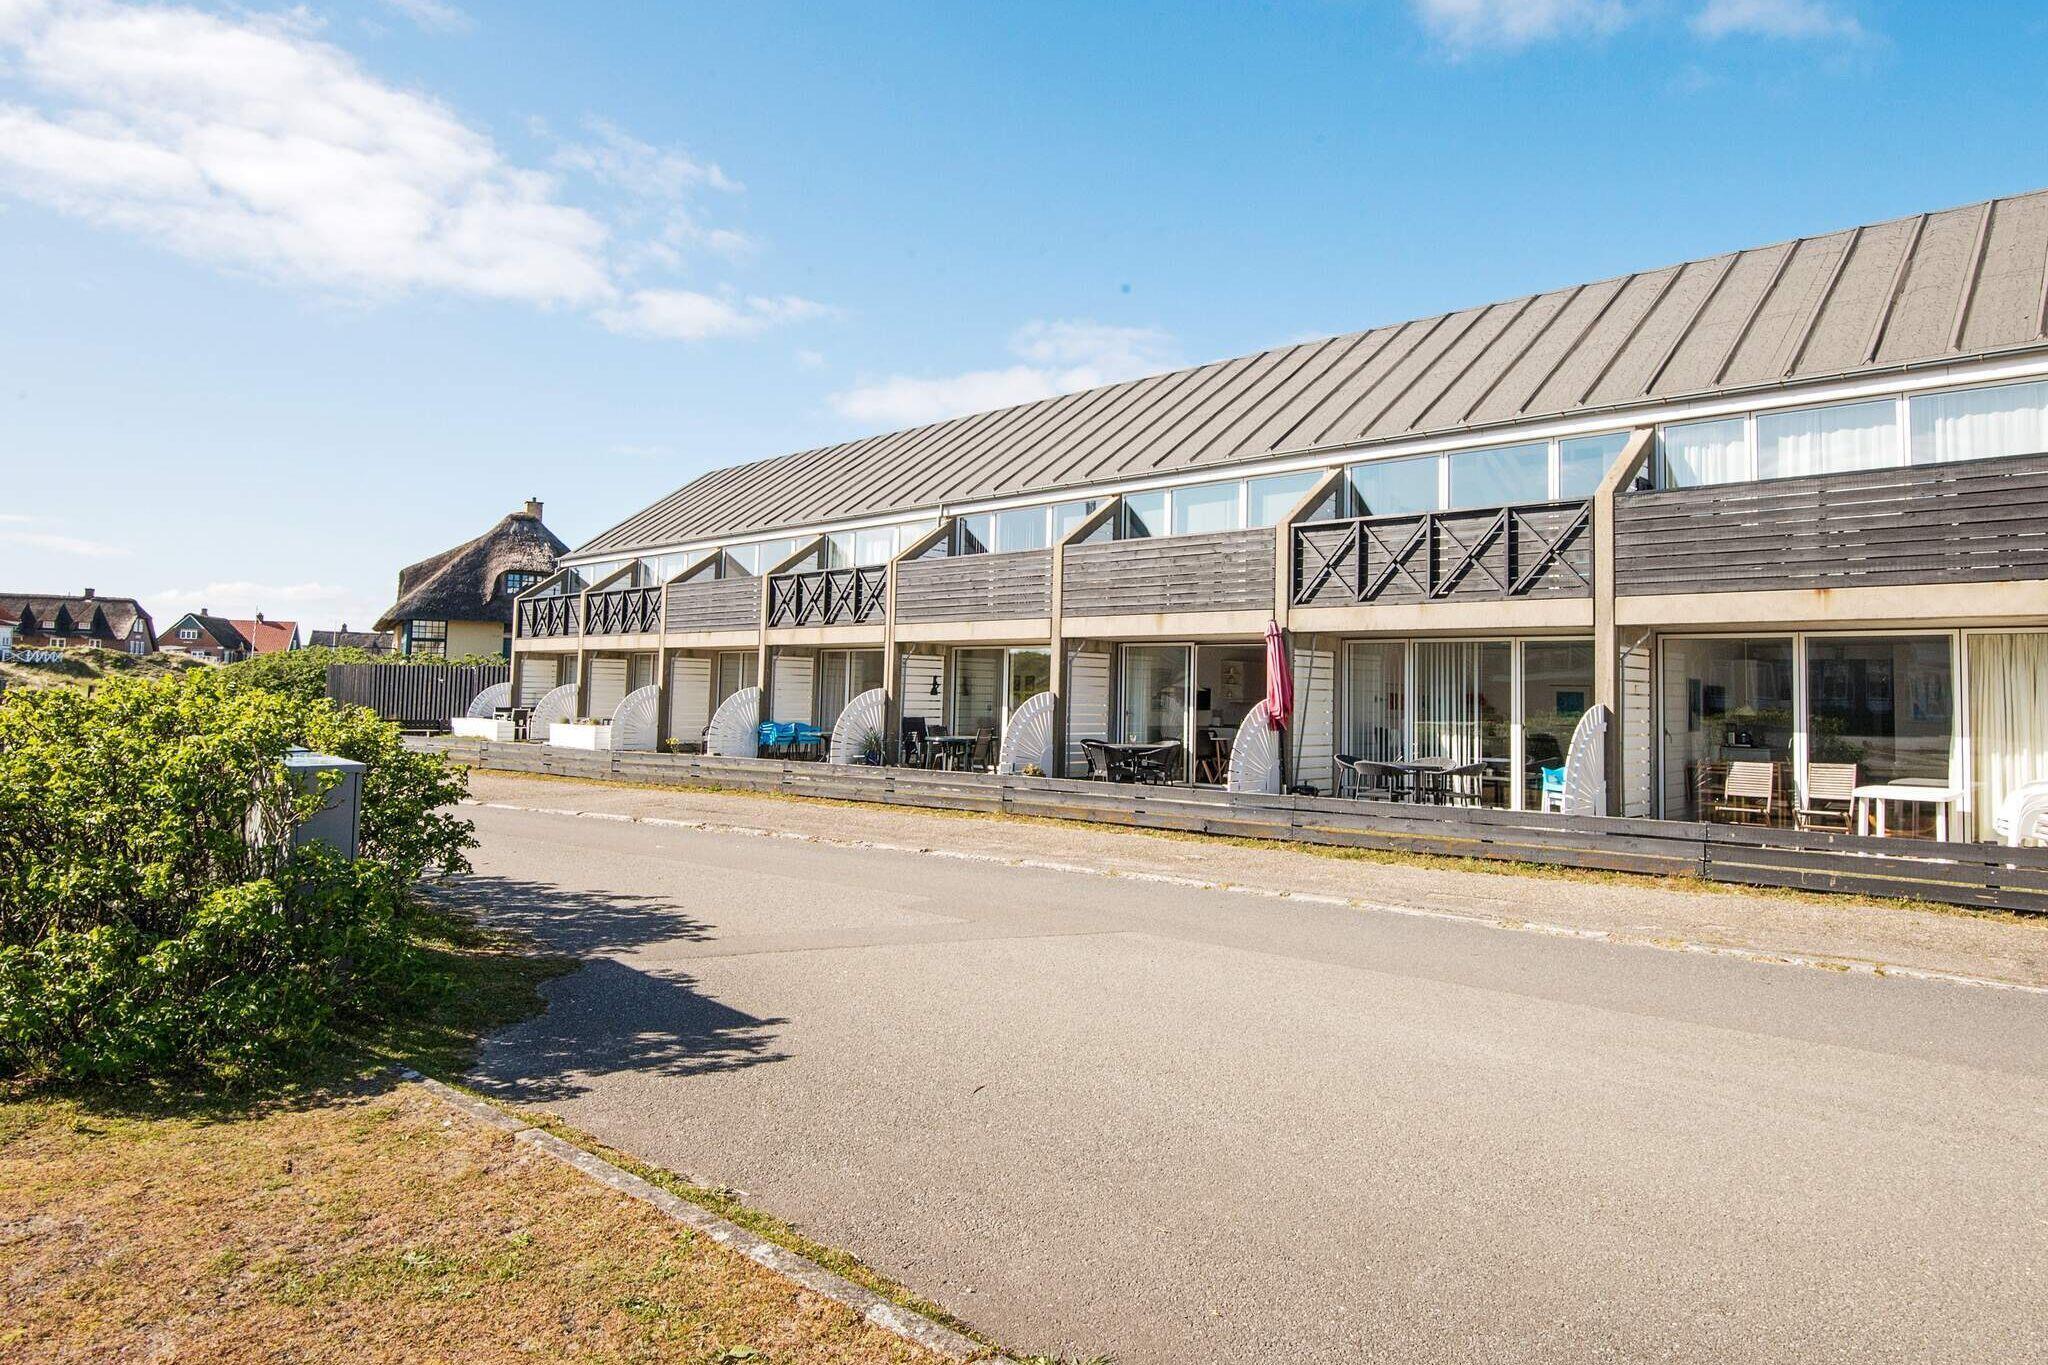 Ferielejlighed til 4 personer ved Fanø